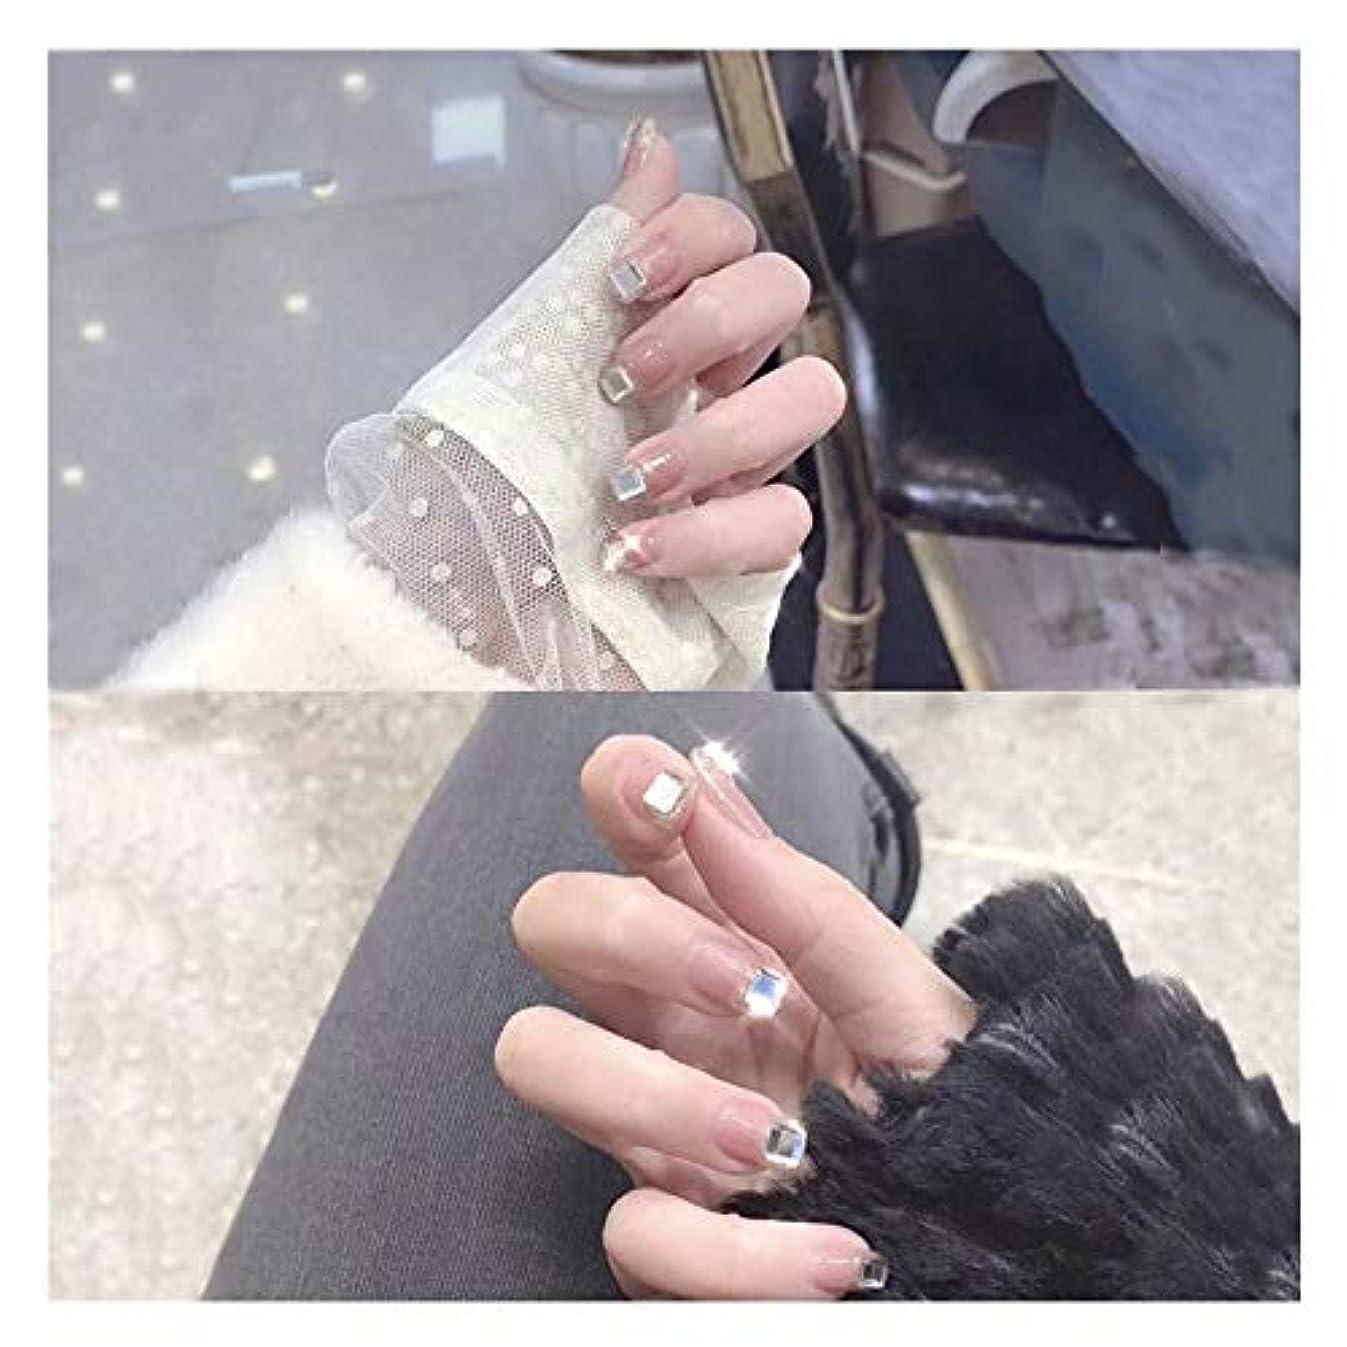 ポータブル裕福なクラックポットTAALESET スクエアラインストーン接着剤偽の釘を持つ長方形ネイルズヌードピンクのかわいいファッションジュエリー仕上げネイル偽の釘 (色 : 24 pieces)